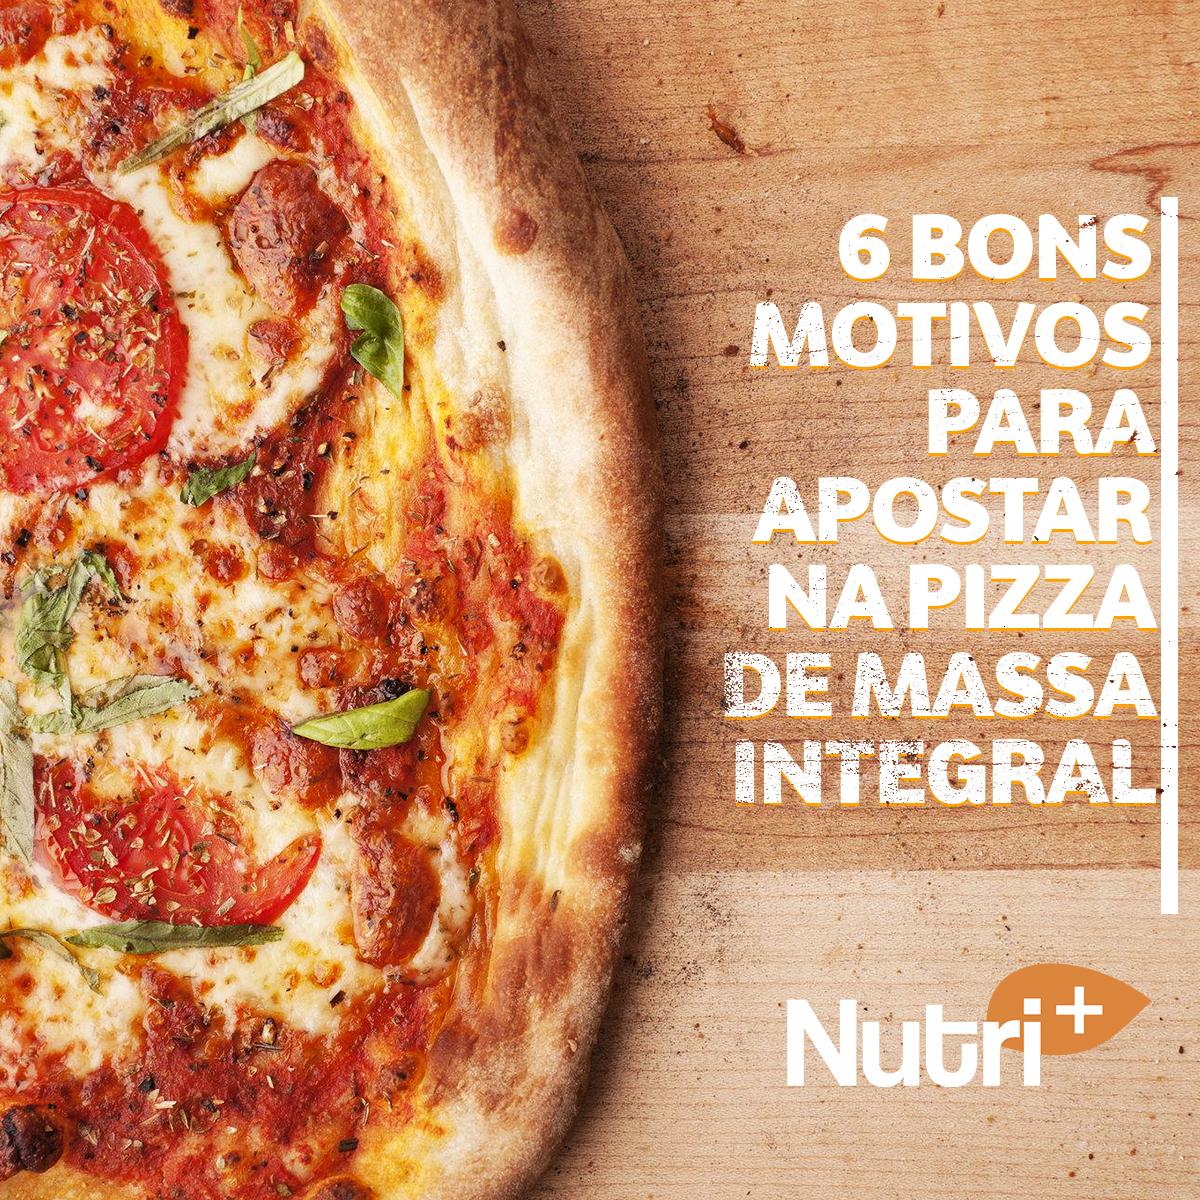 6 bons motivos para apostar na pizza de massa integral